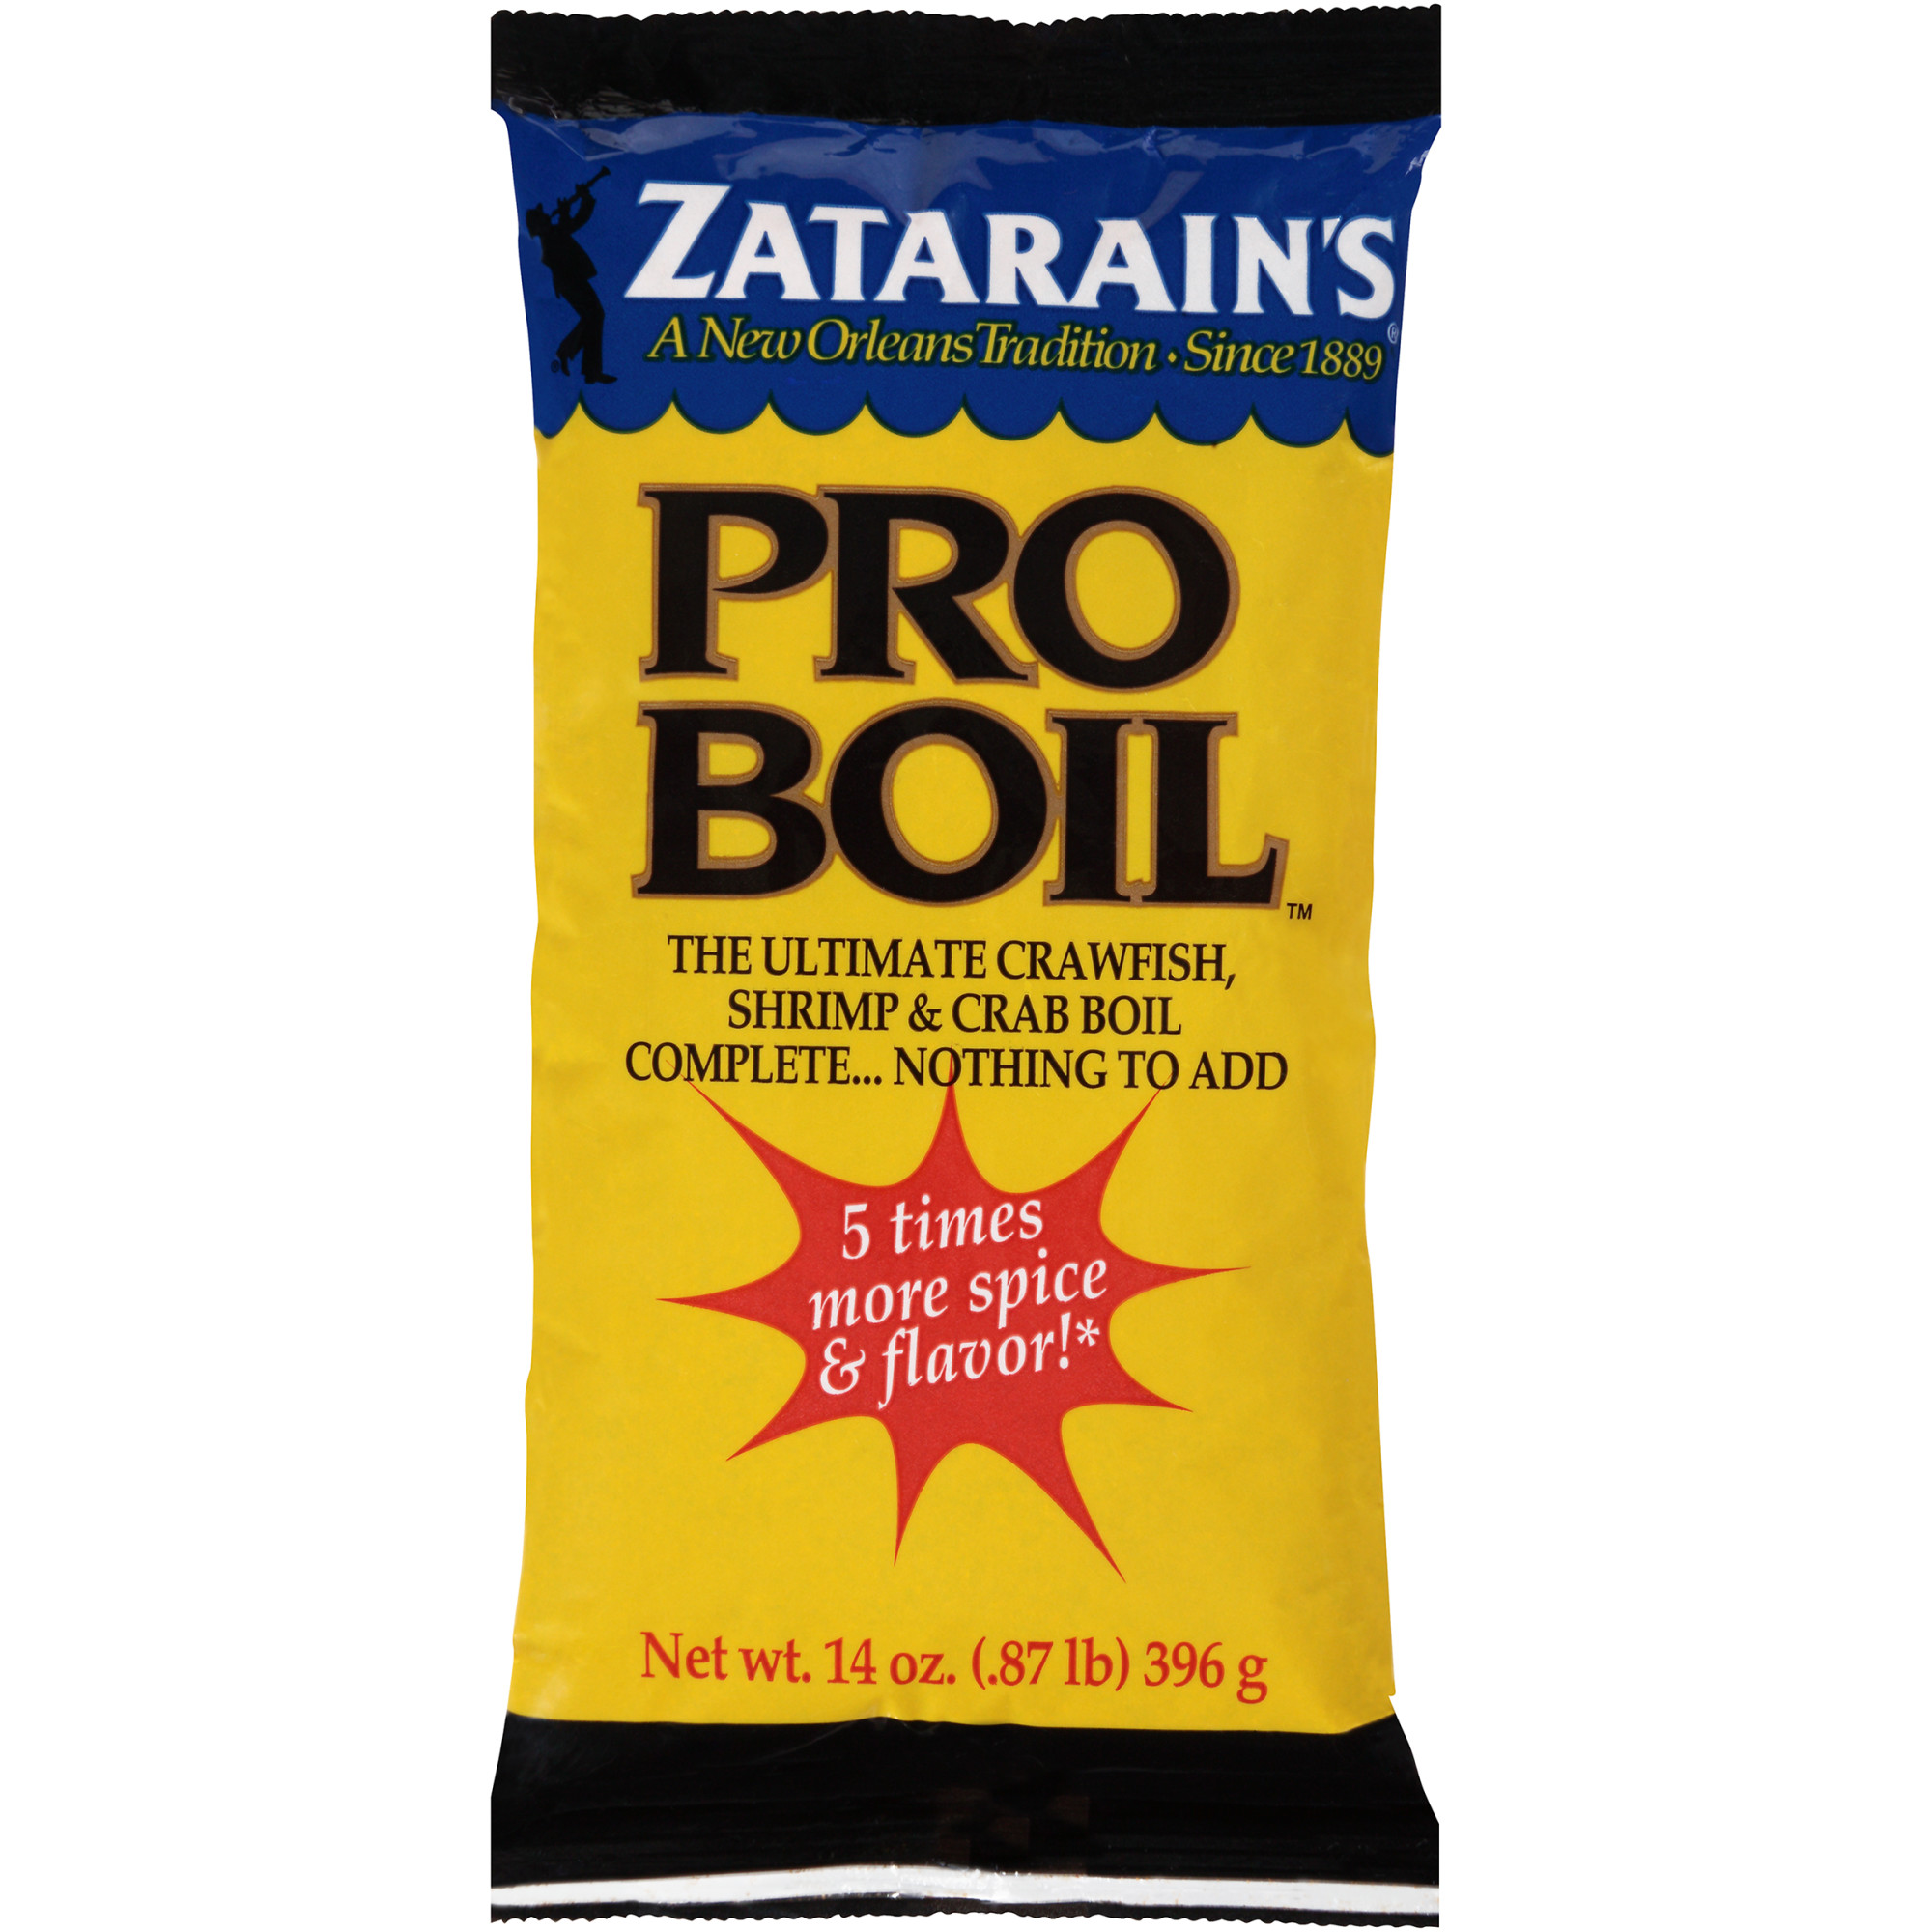 Zatarain's Pro Boil Poly Bag, 14 oz